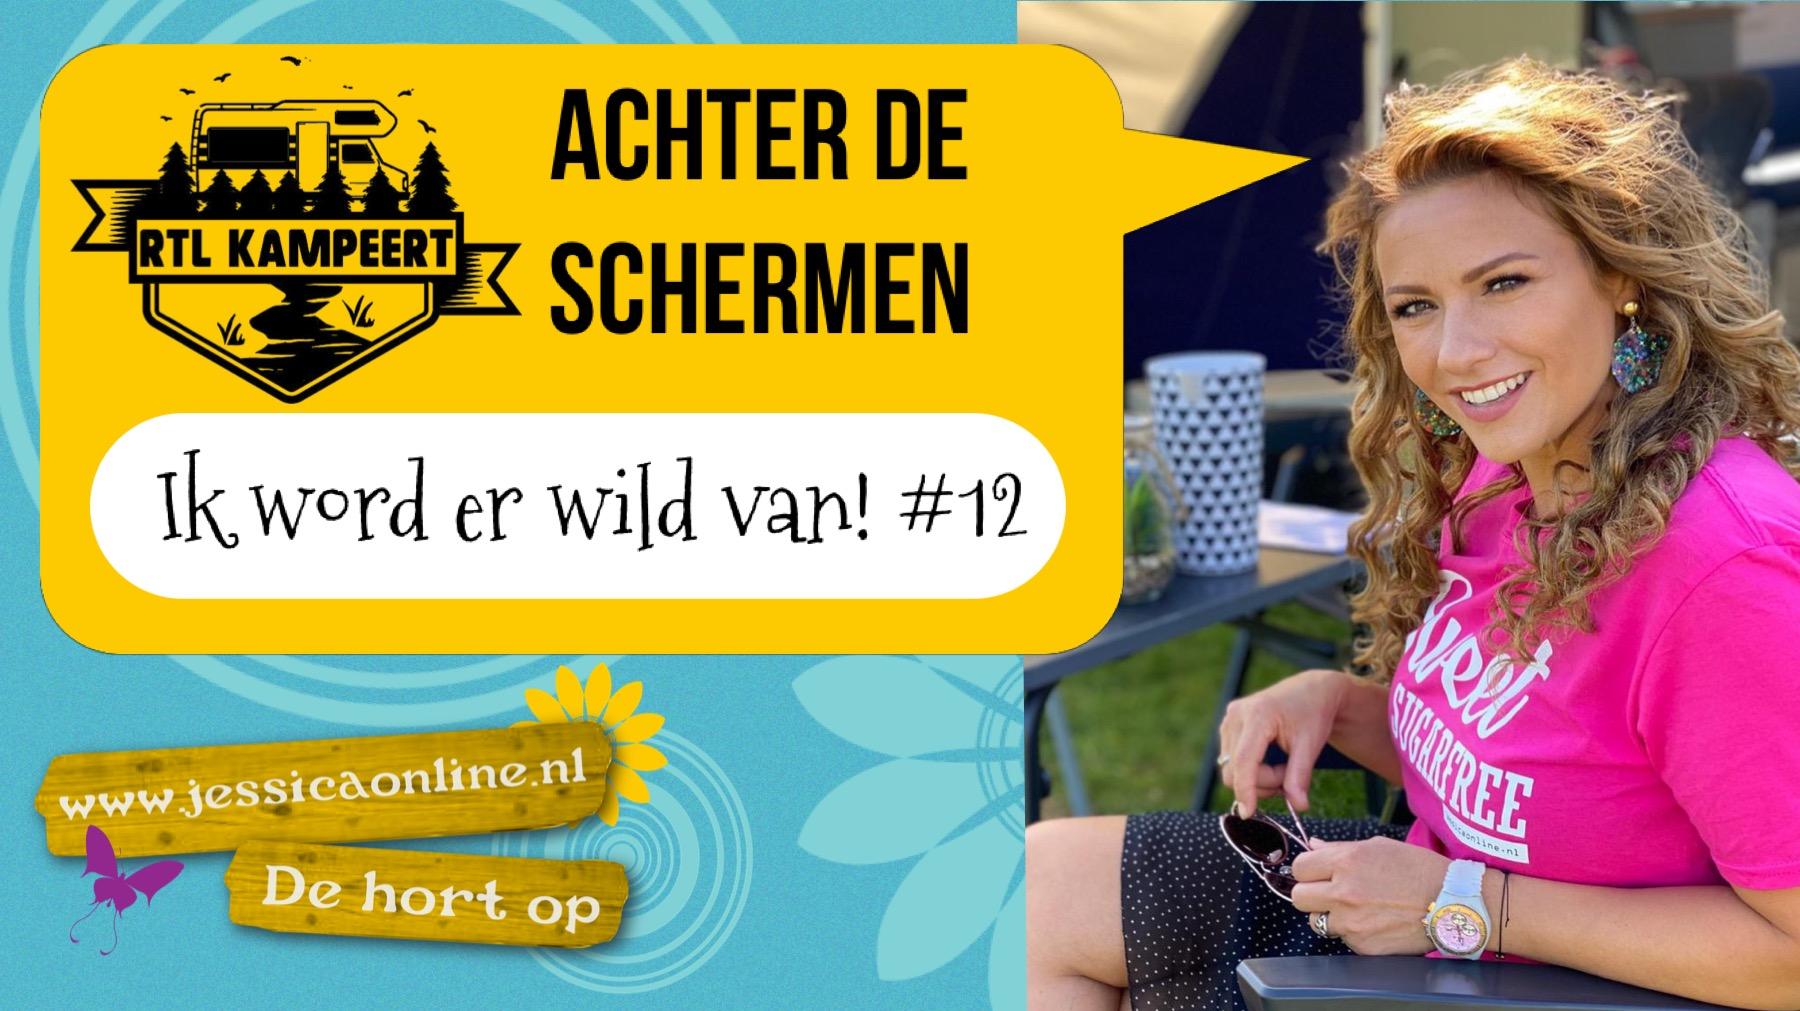 Ik word er wild van I RTL Kampeert Achter de Schermen #12